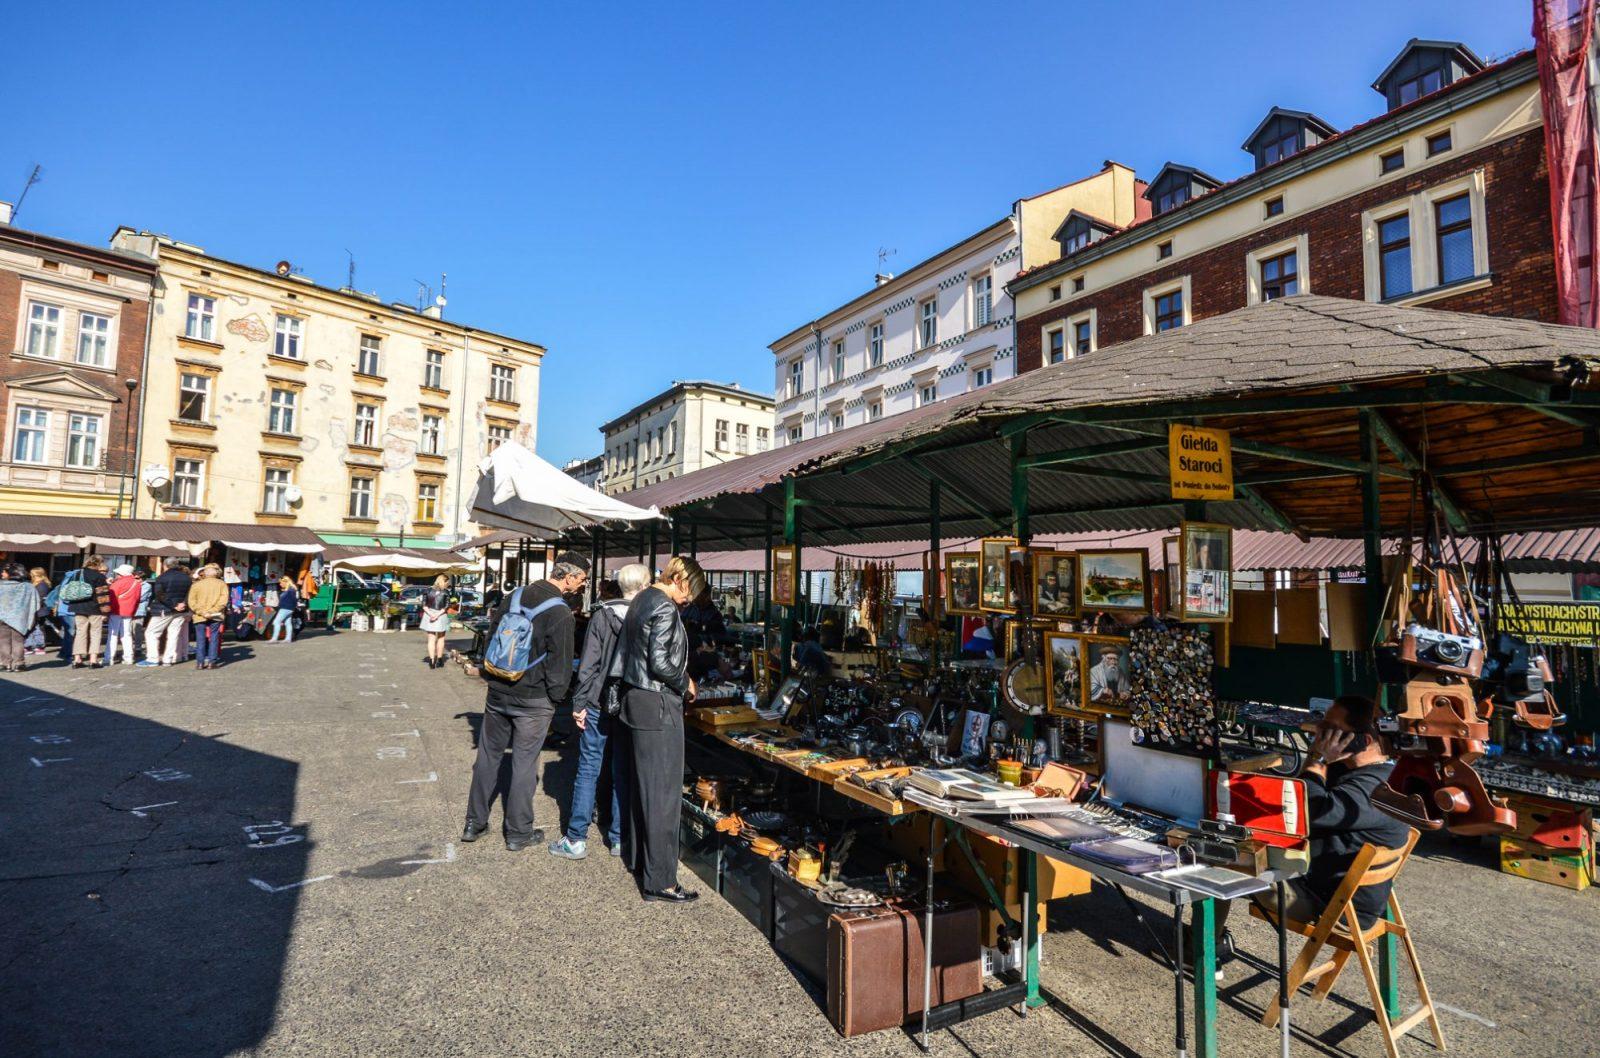 Market Hall Unitarg in Krakow